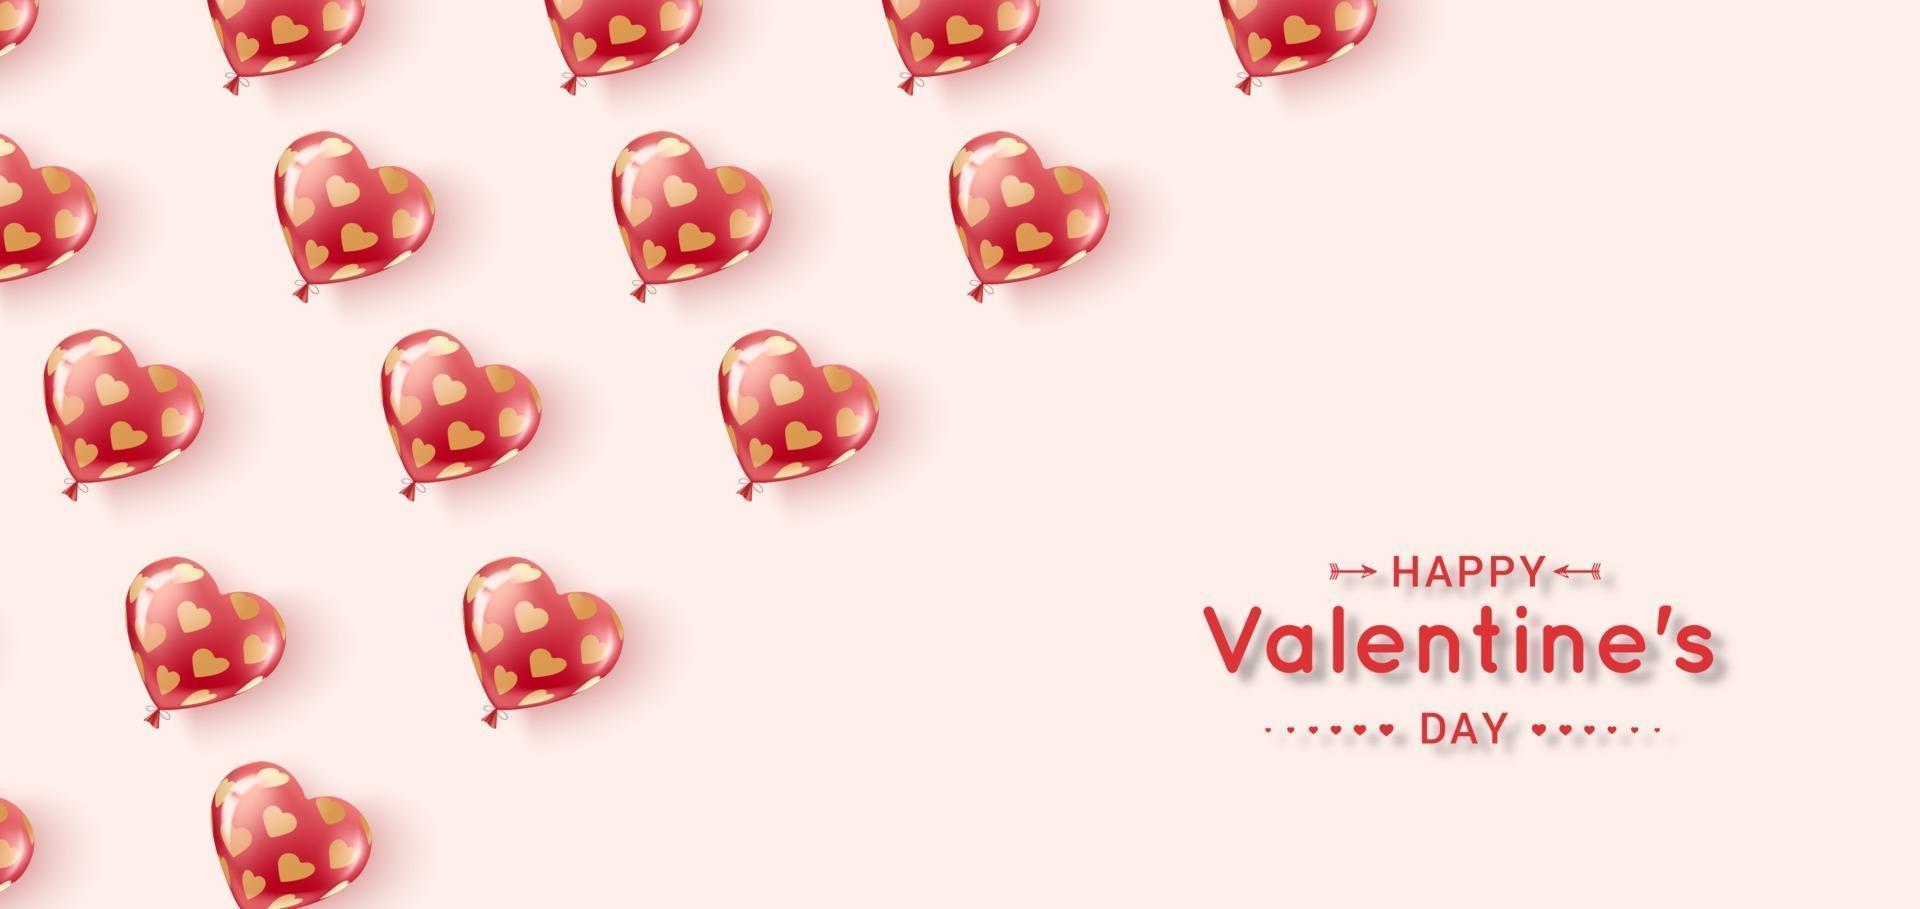 fliegende Gelballons von roten und rosa Farben mit Muster der goldenen Herzen. vektor